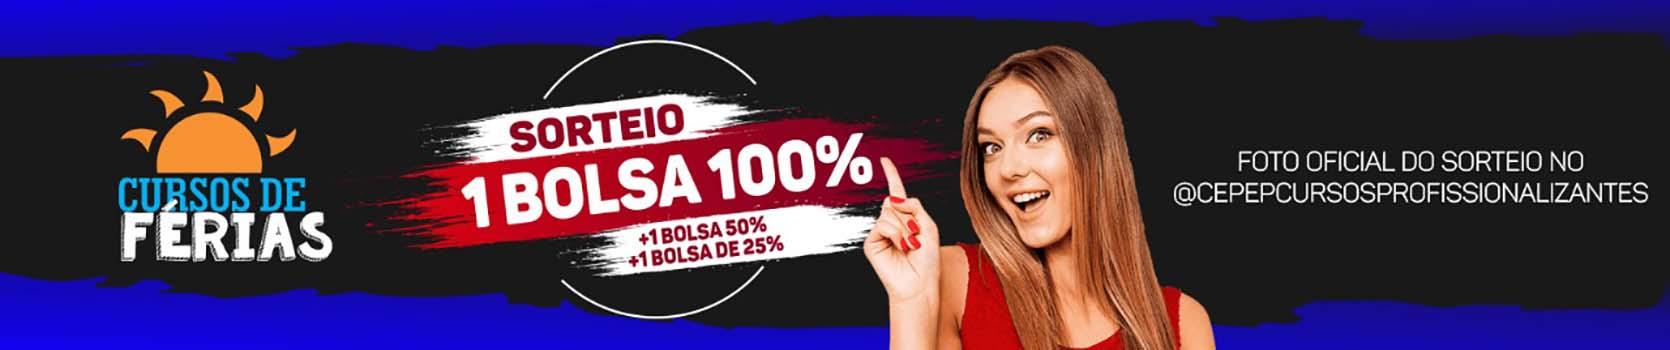 Banner-Bolsa-Sorteio-Instagram